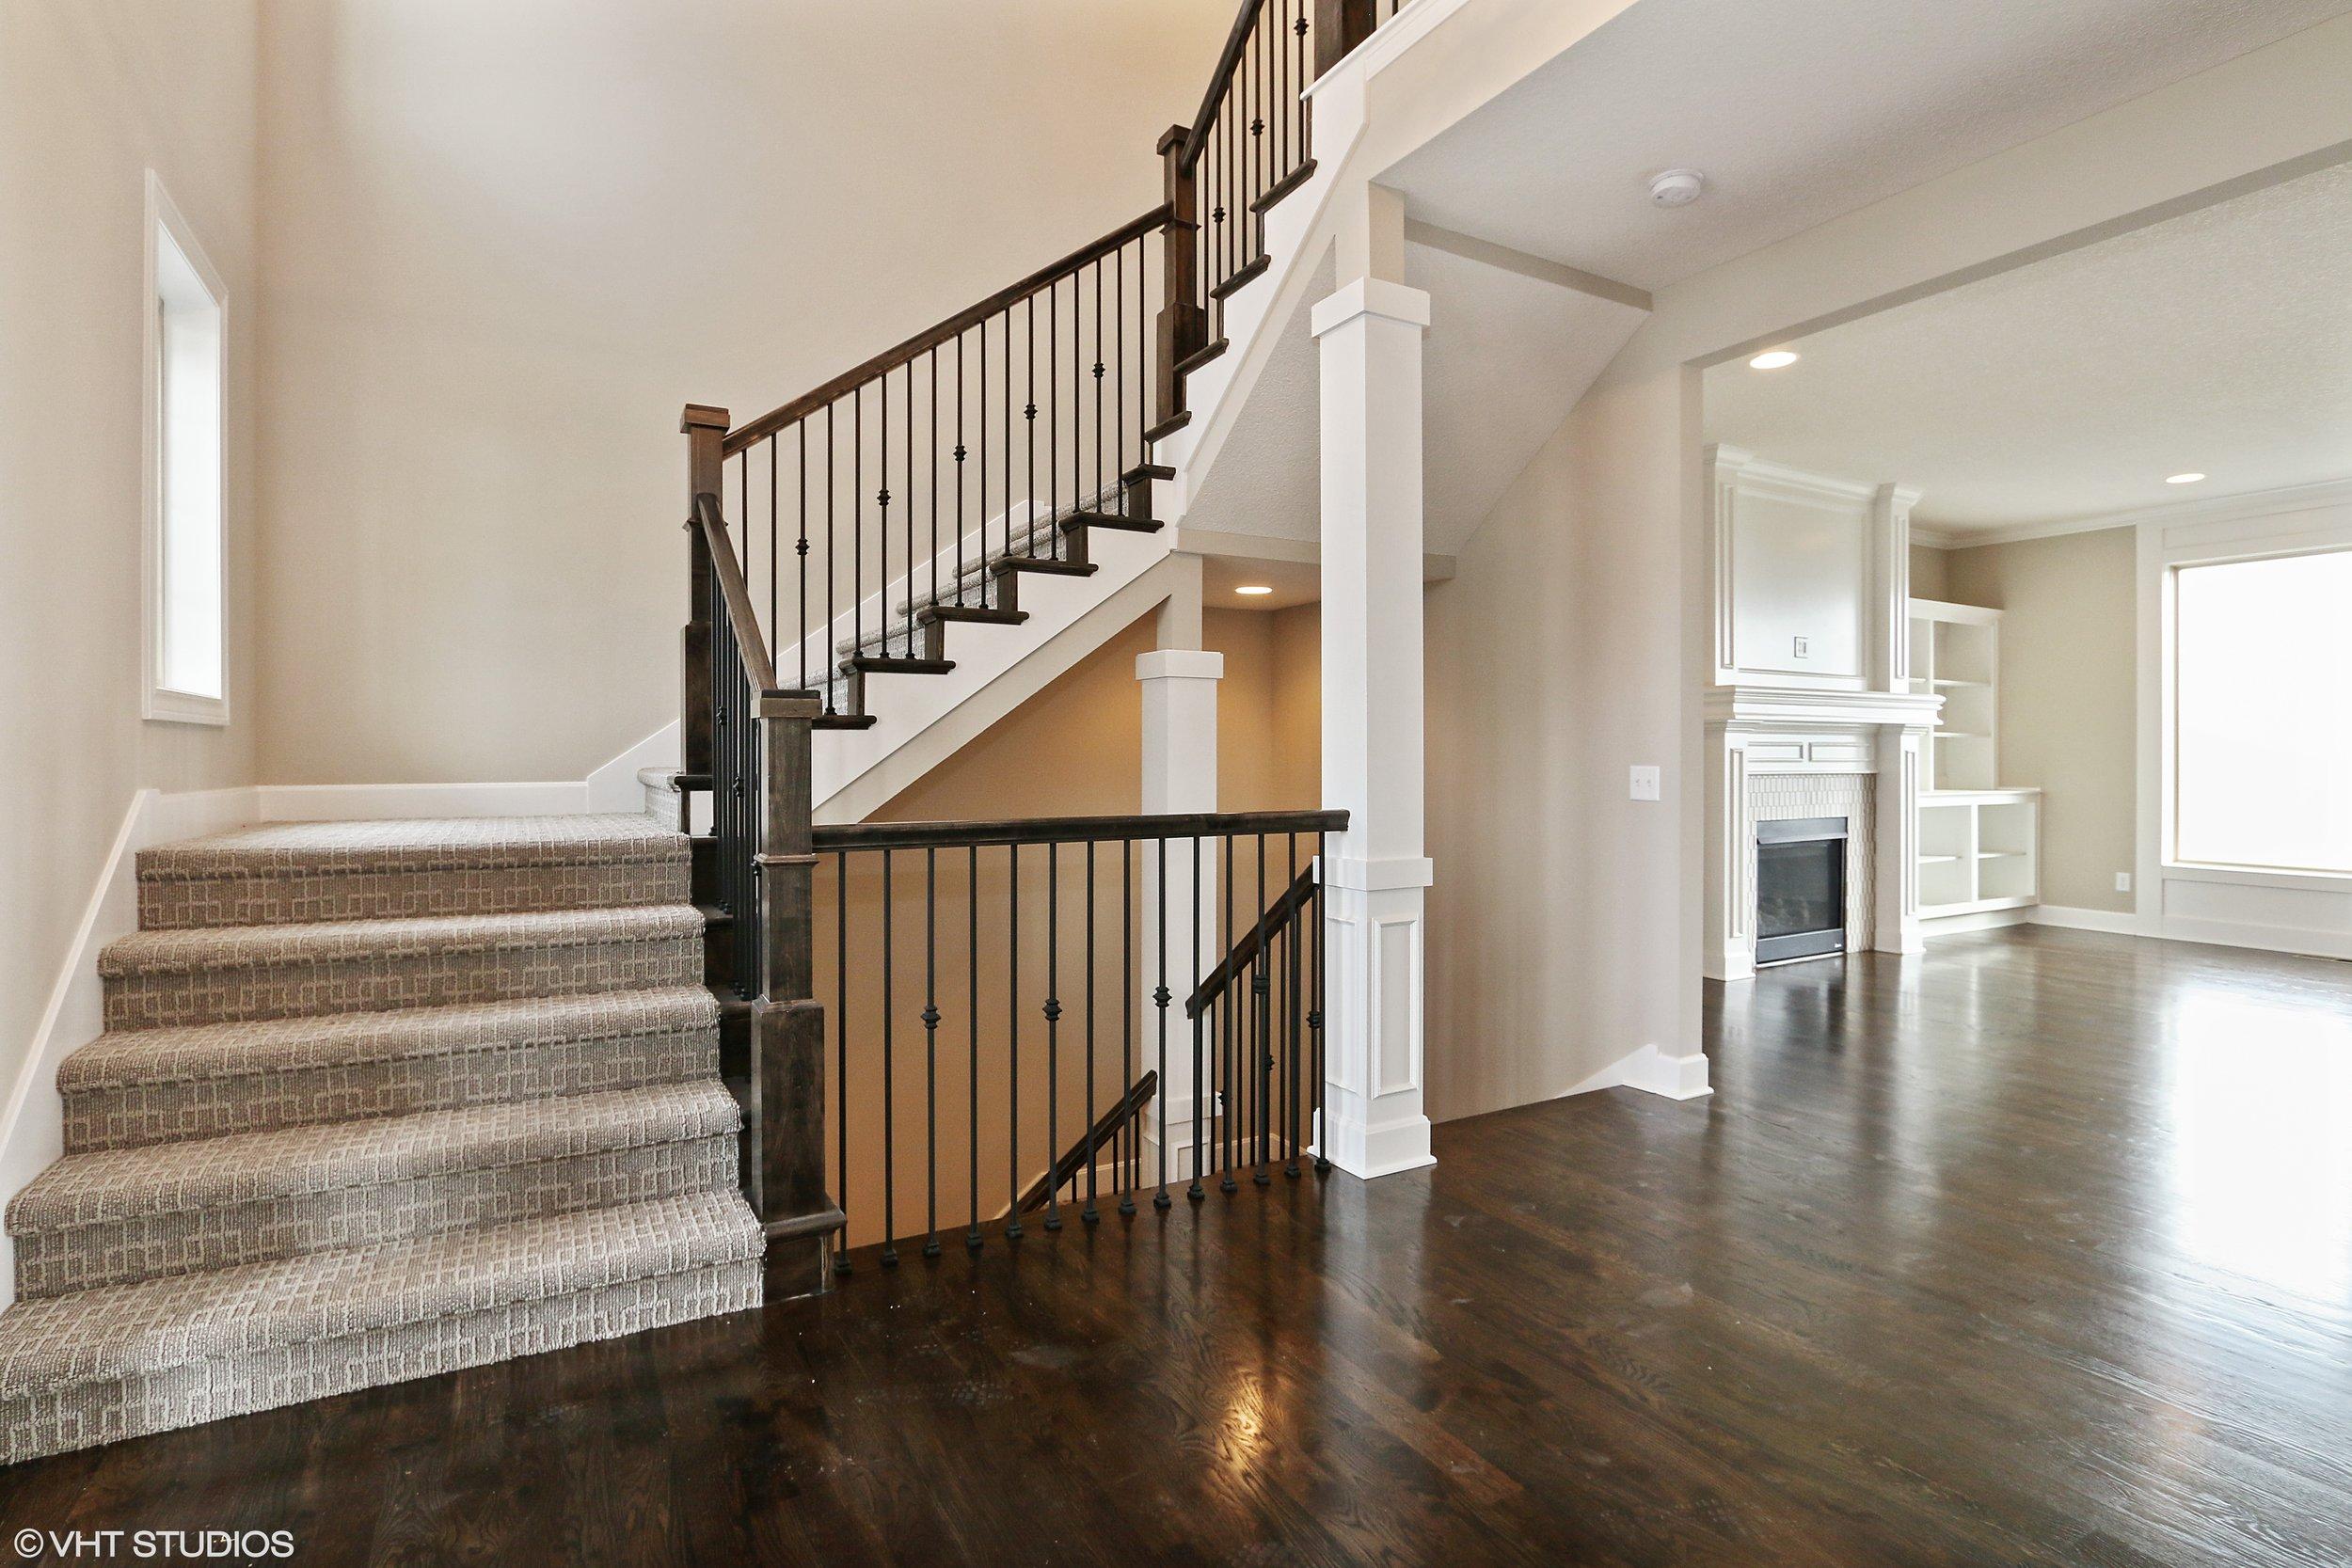 12_211SWRooseveltRidge_68_Staircase_HiRes.jpg